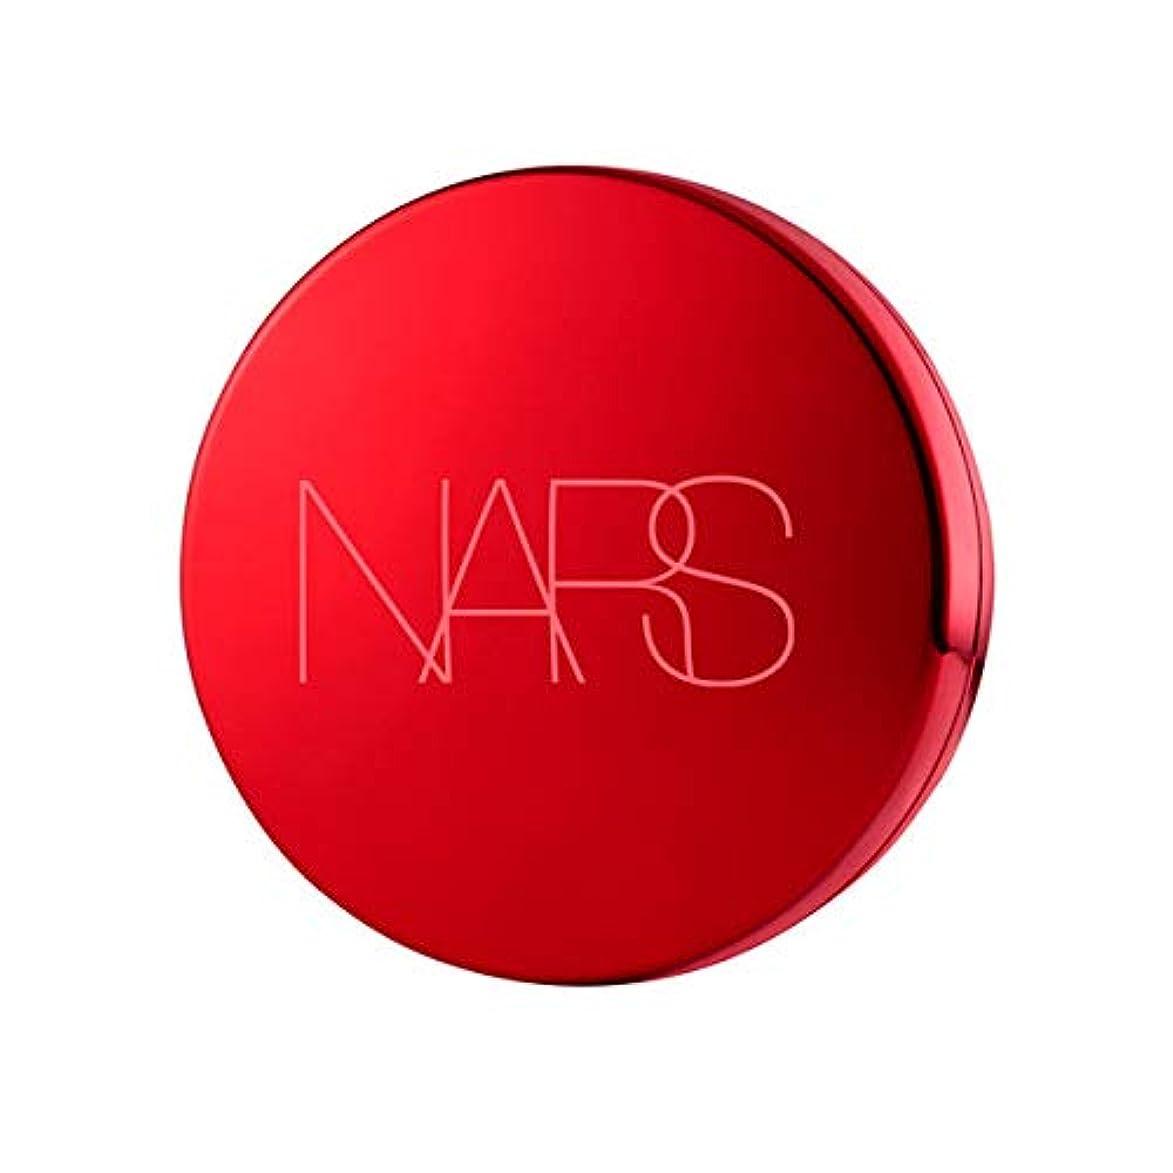 ファイター認識喜ぶ【NARS(ナーズ)】 アクアティックグロー クッションコンパクト スペシャルエディションケース